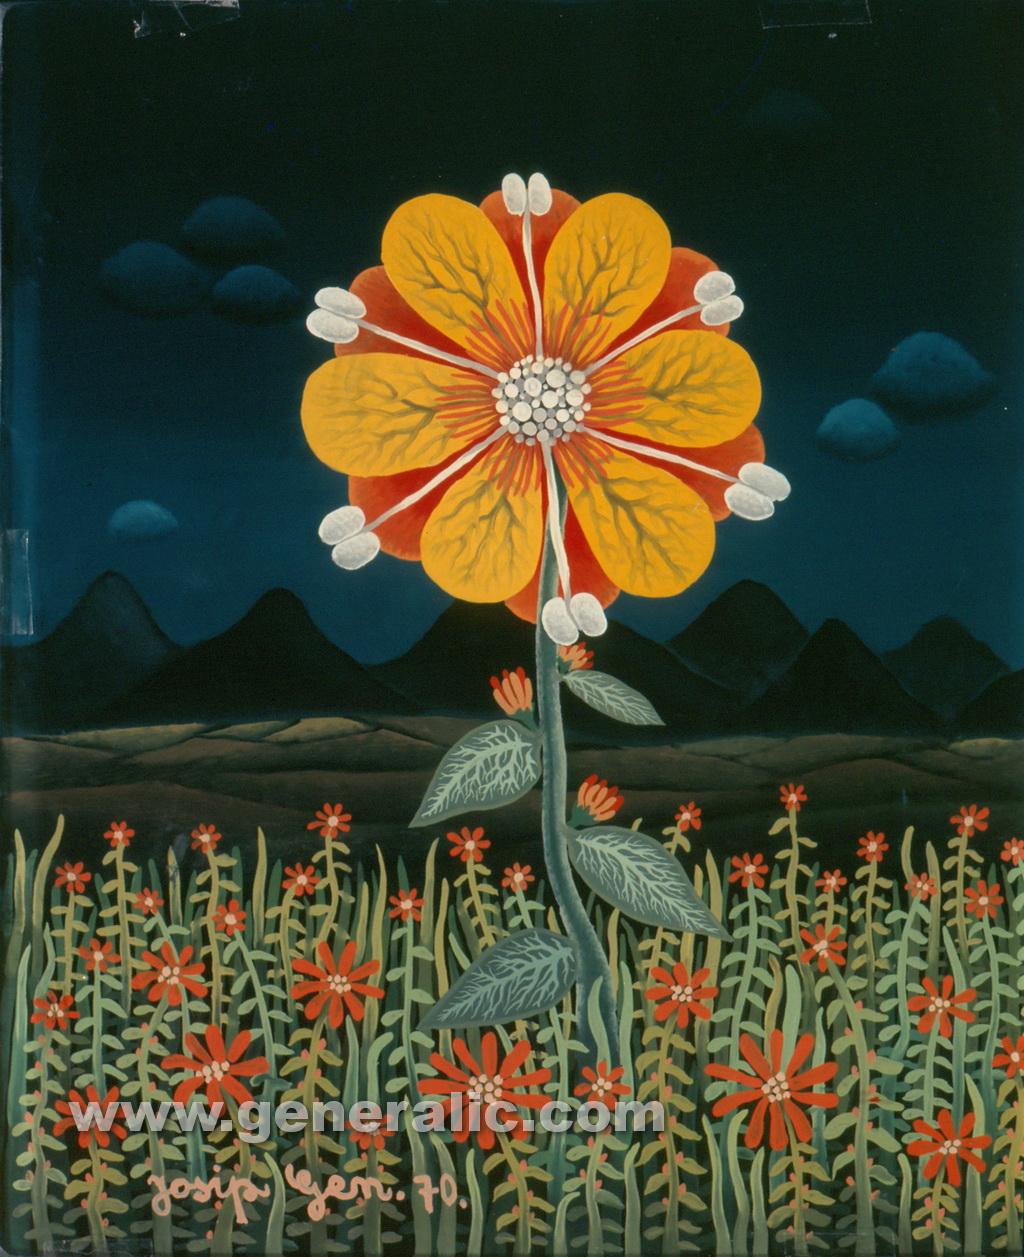 Josip Generalic, 1970, Yellow flower, oil on glass